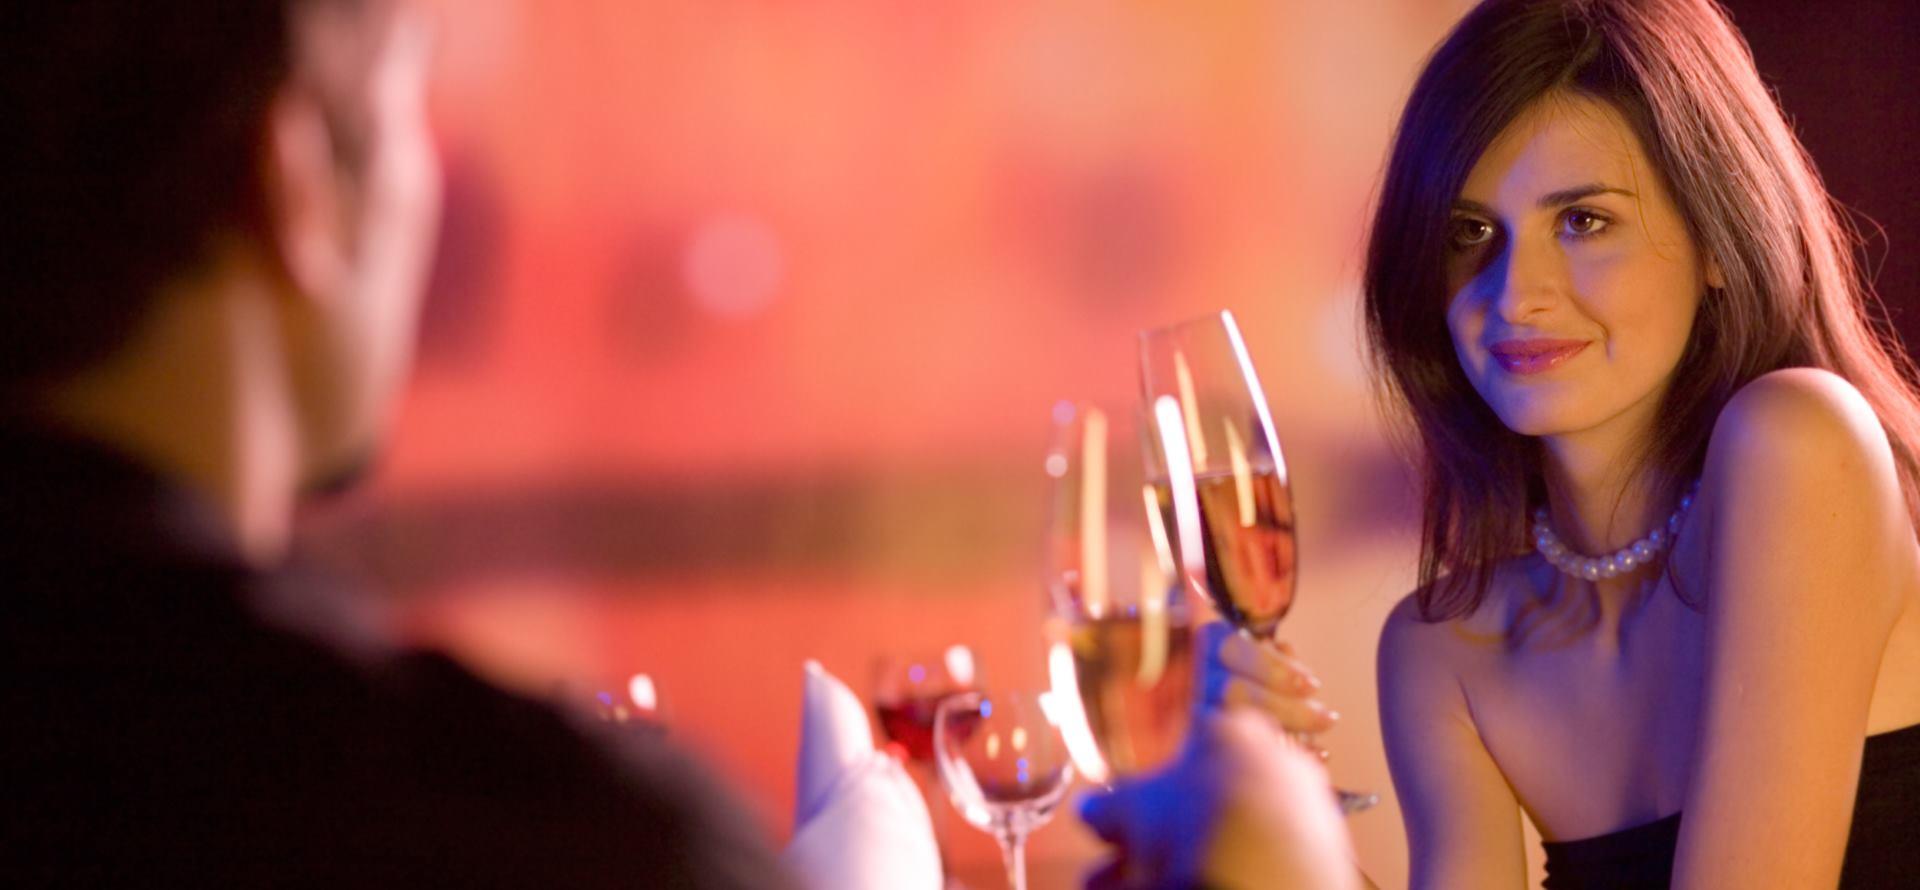 NUXE Pet trikova da zablistate na romantičnom spoju